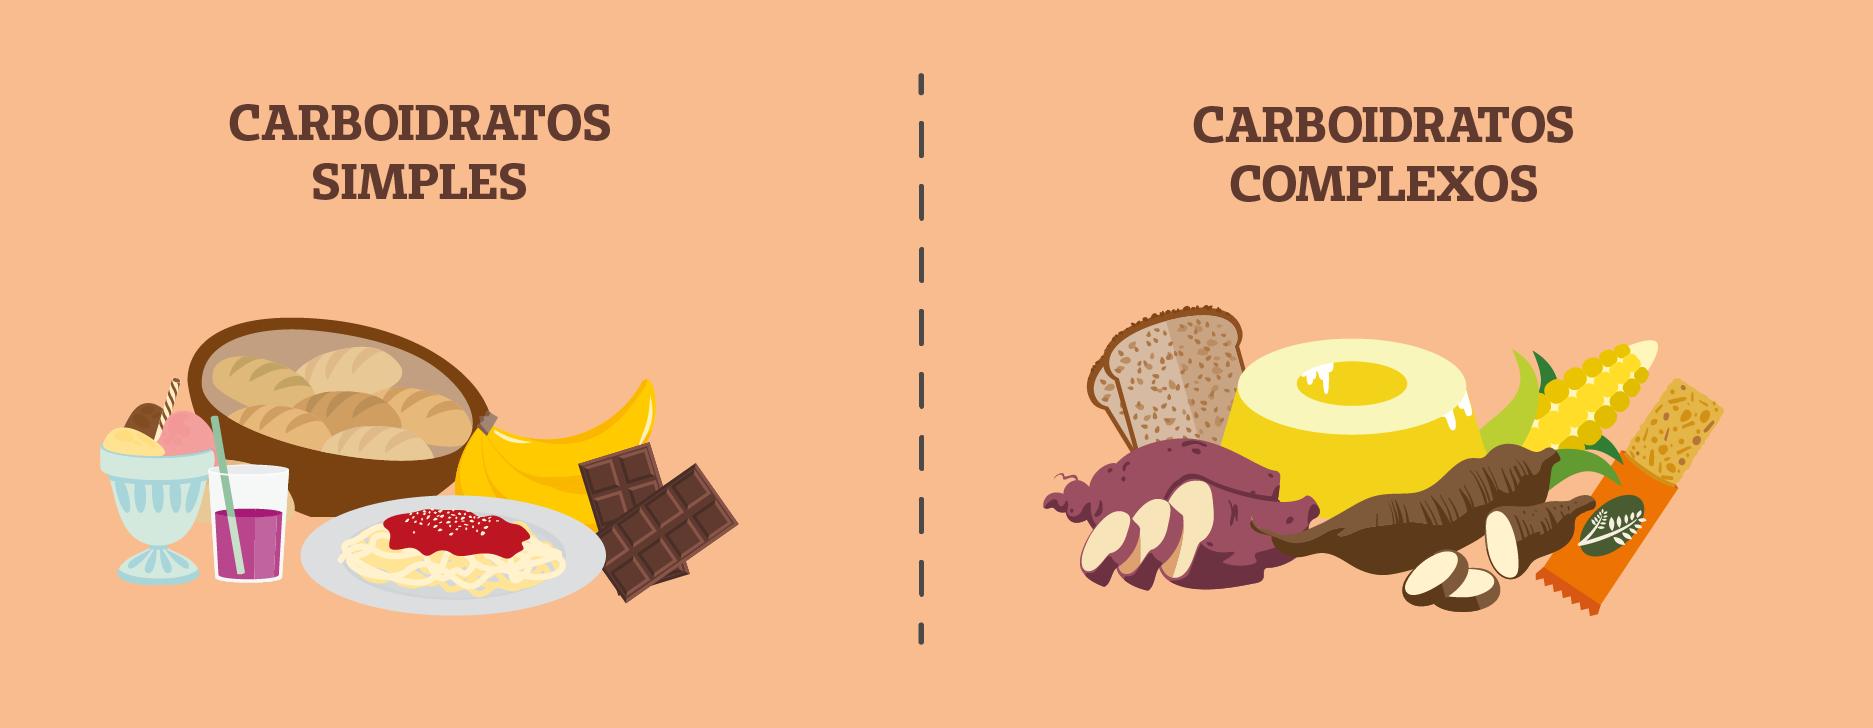 ilustração de carboidratos simples e complexos